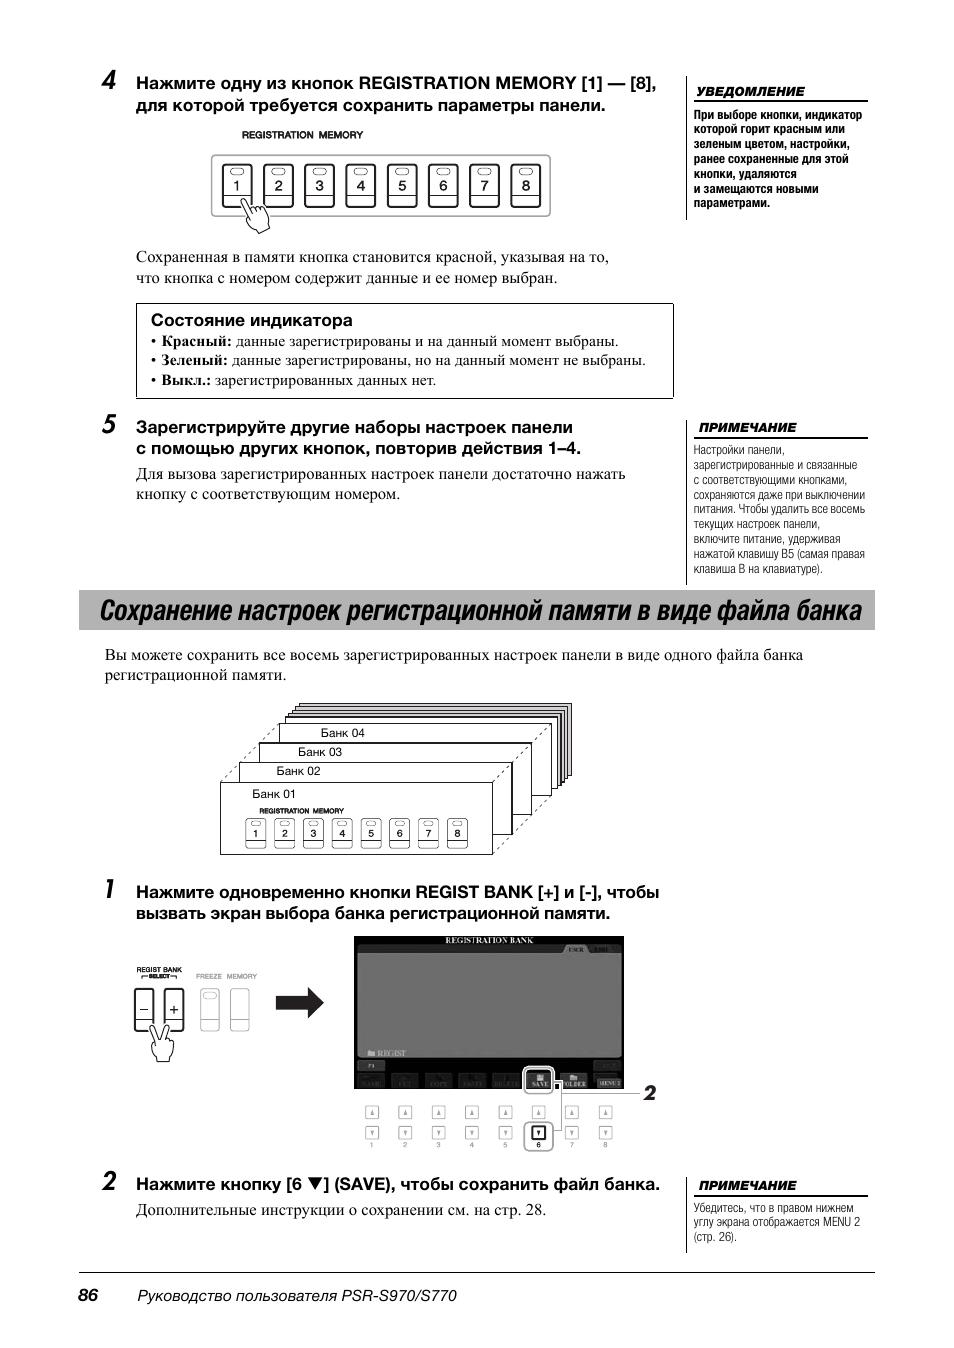 Инструкция по эксплуатации Yamaha PSR-S770 | Страница 86